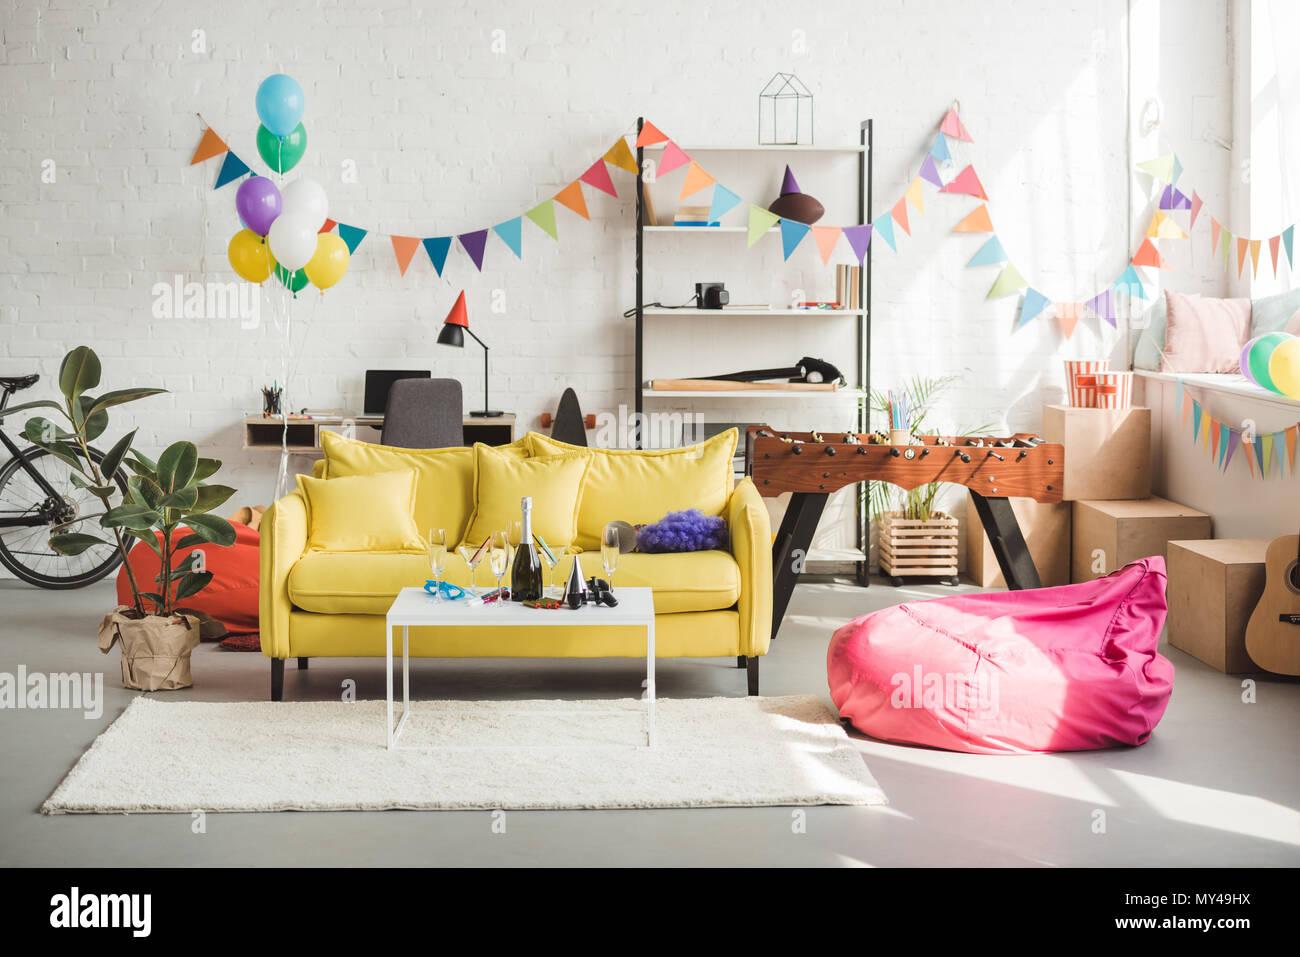 l'intérieur de cette chambre confortable décorée avec des ballons et